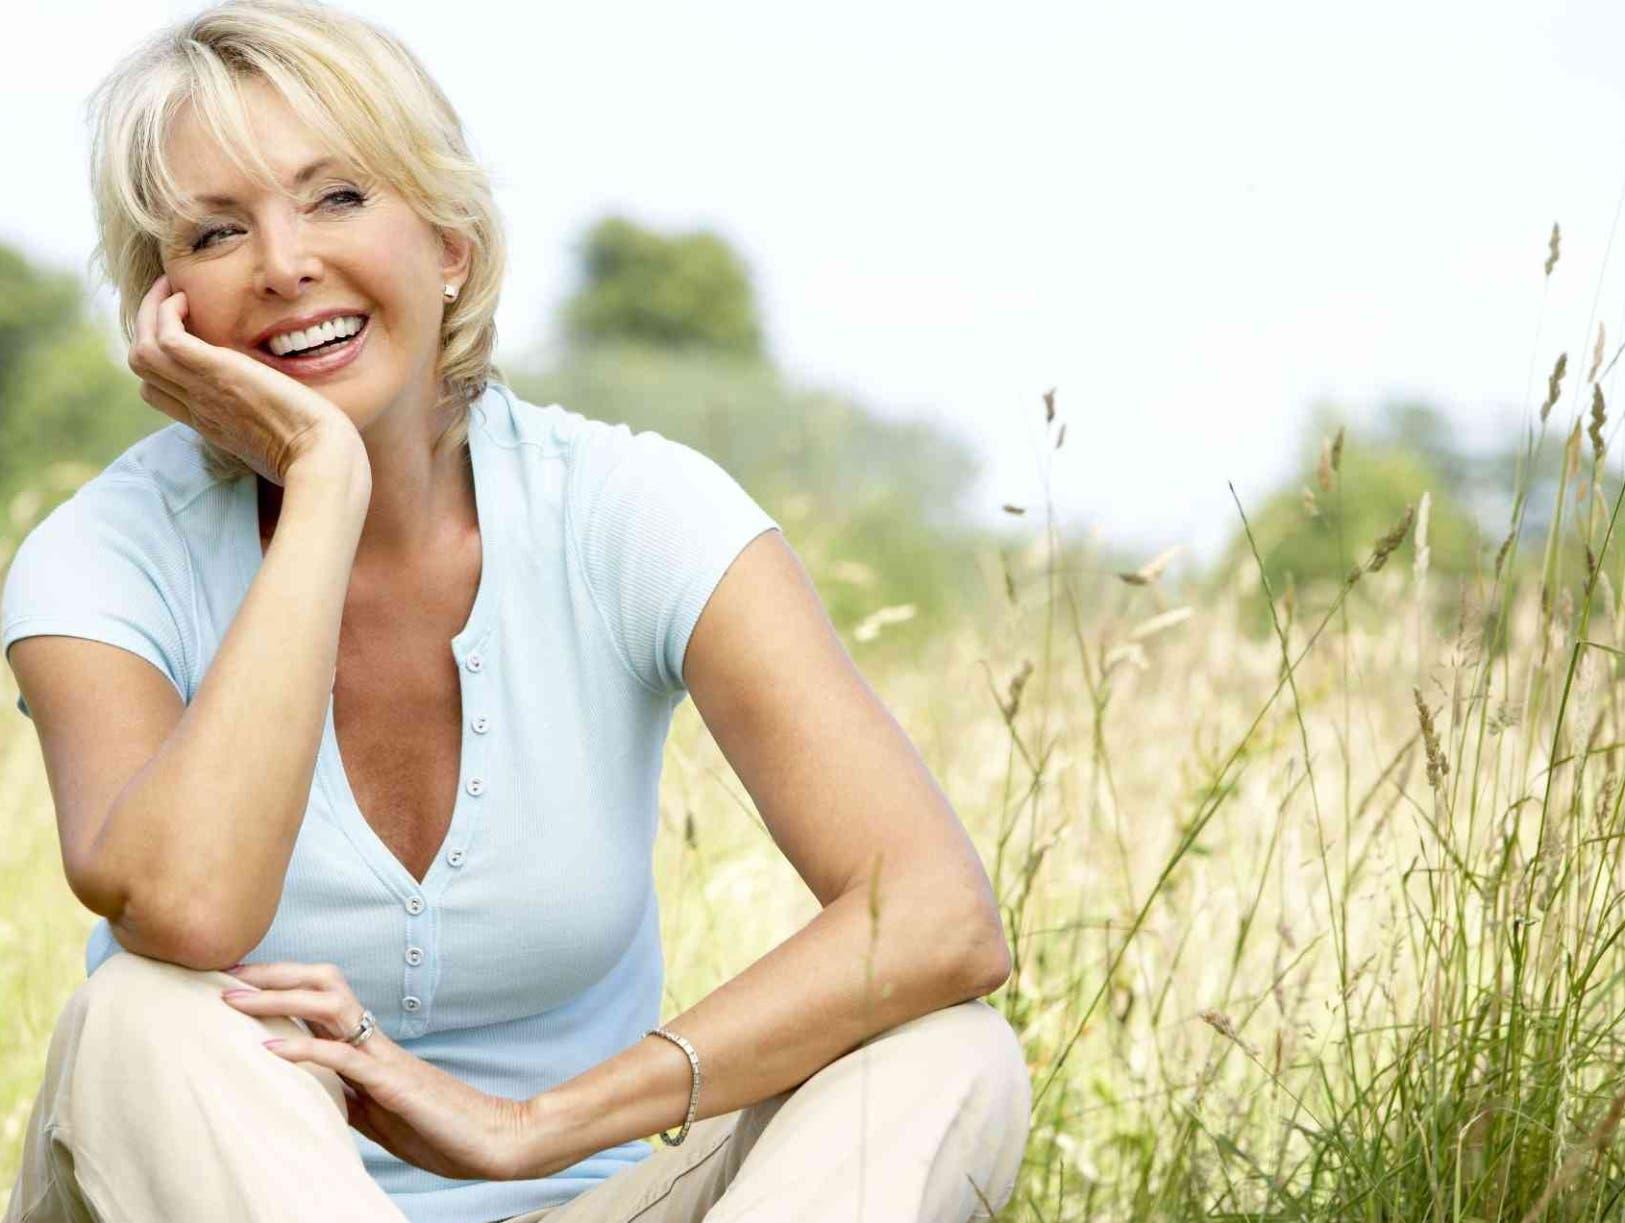 Aparecen los signos de envejecimiento facial: arrugas, pliegues, surcos, manchas, flacidez, ojeras, bolsas y fatiga en  contorno de ojos.